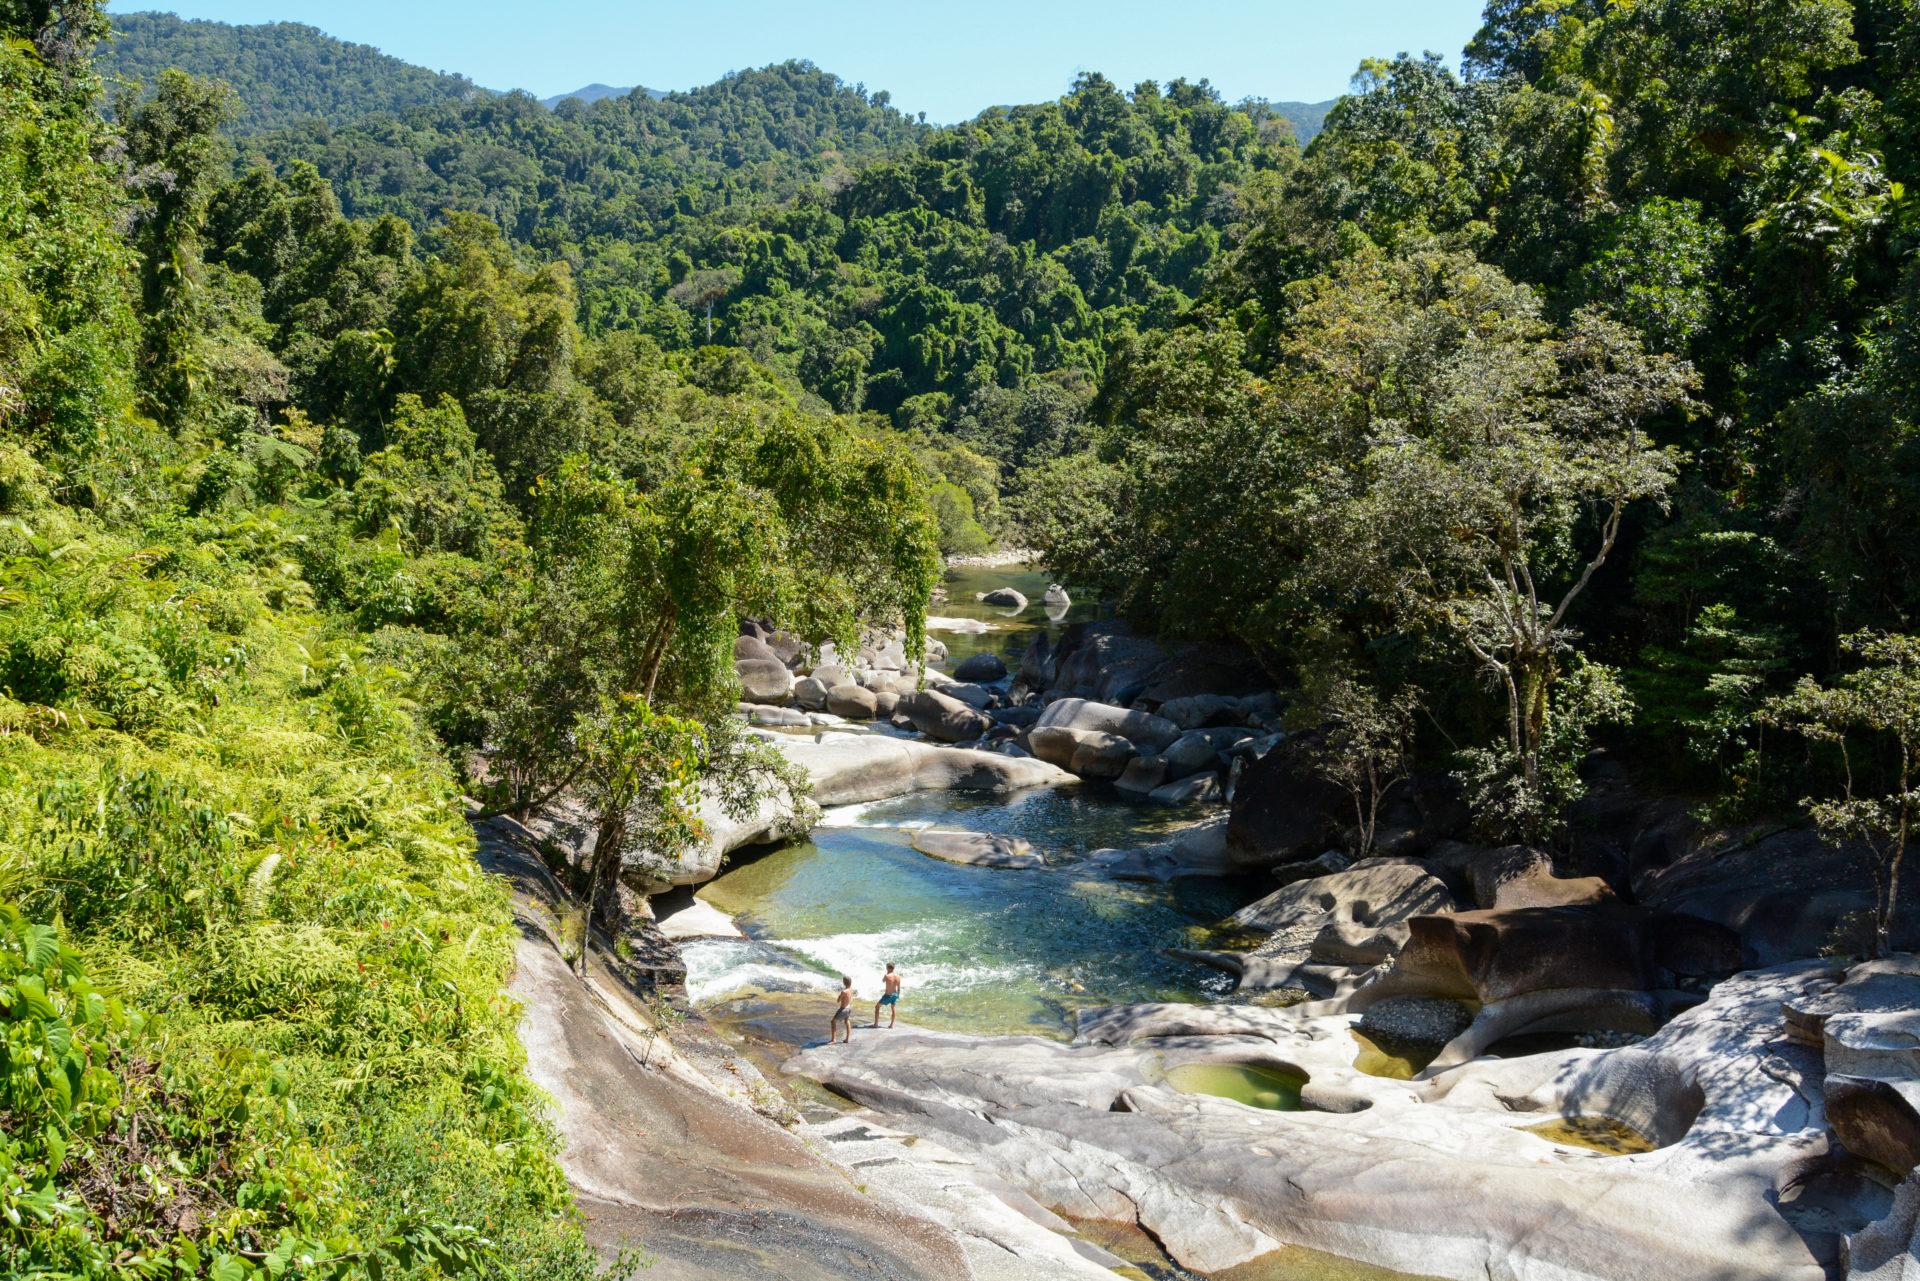 Die Babinda Boulders in Queensland mit zwei Badenden im Regenwald